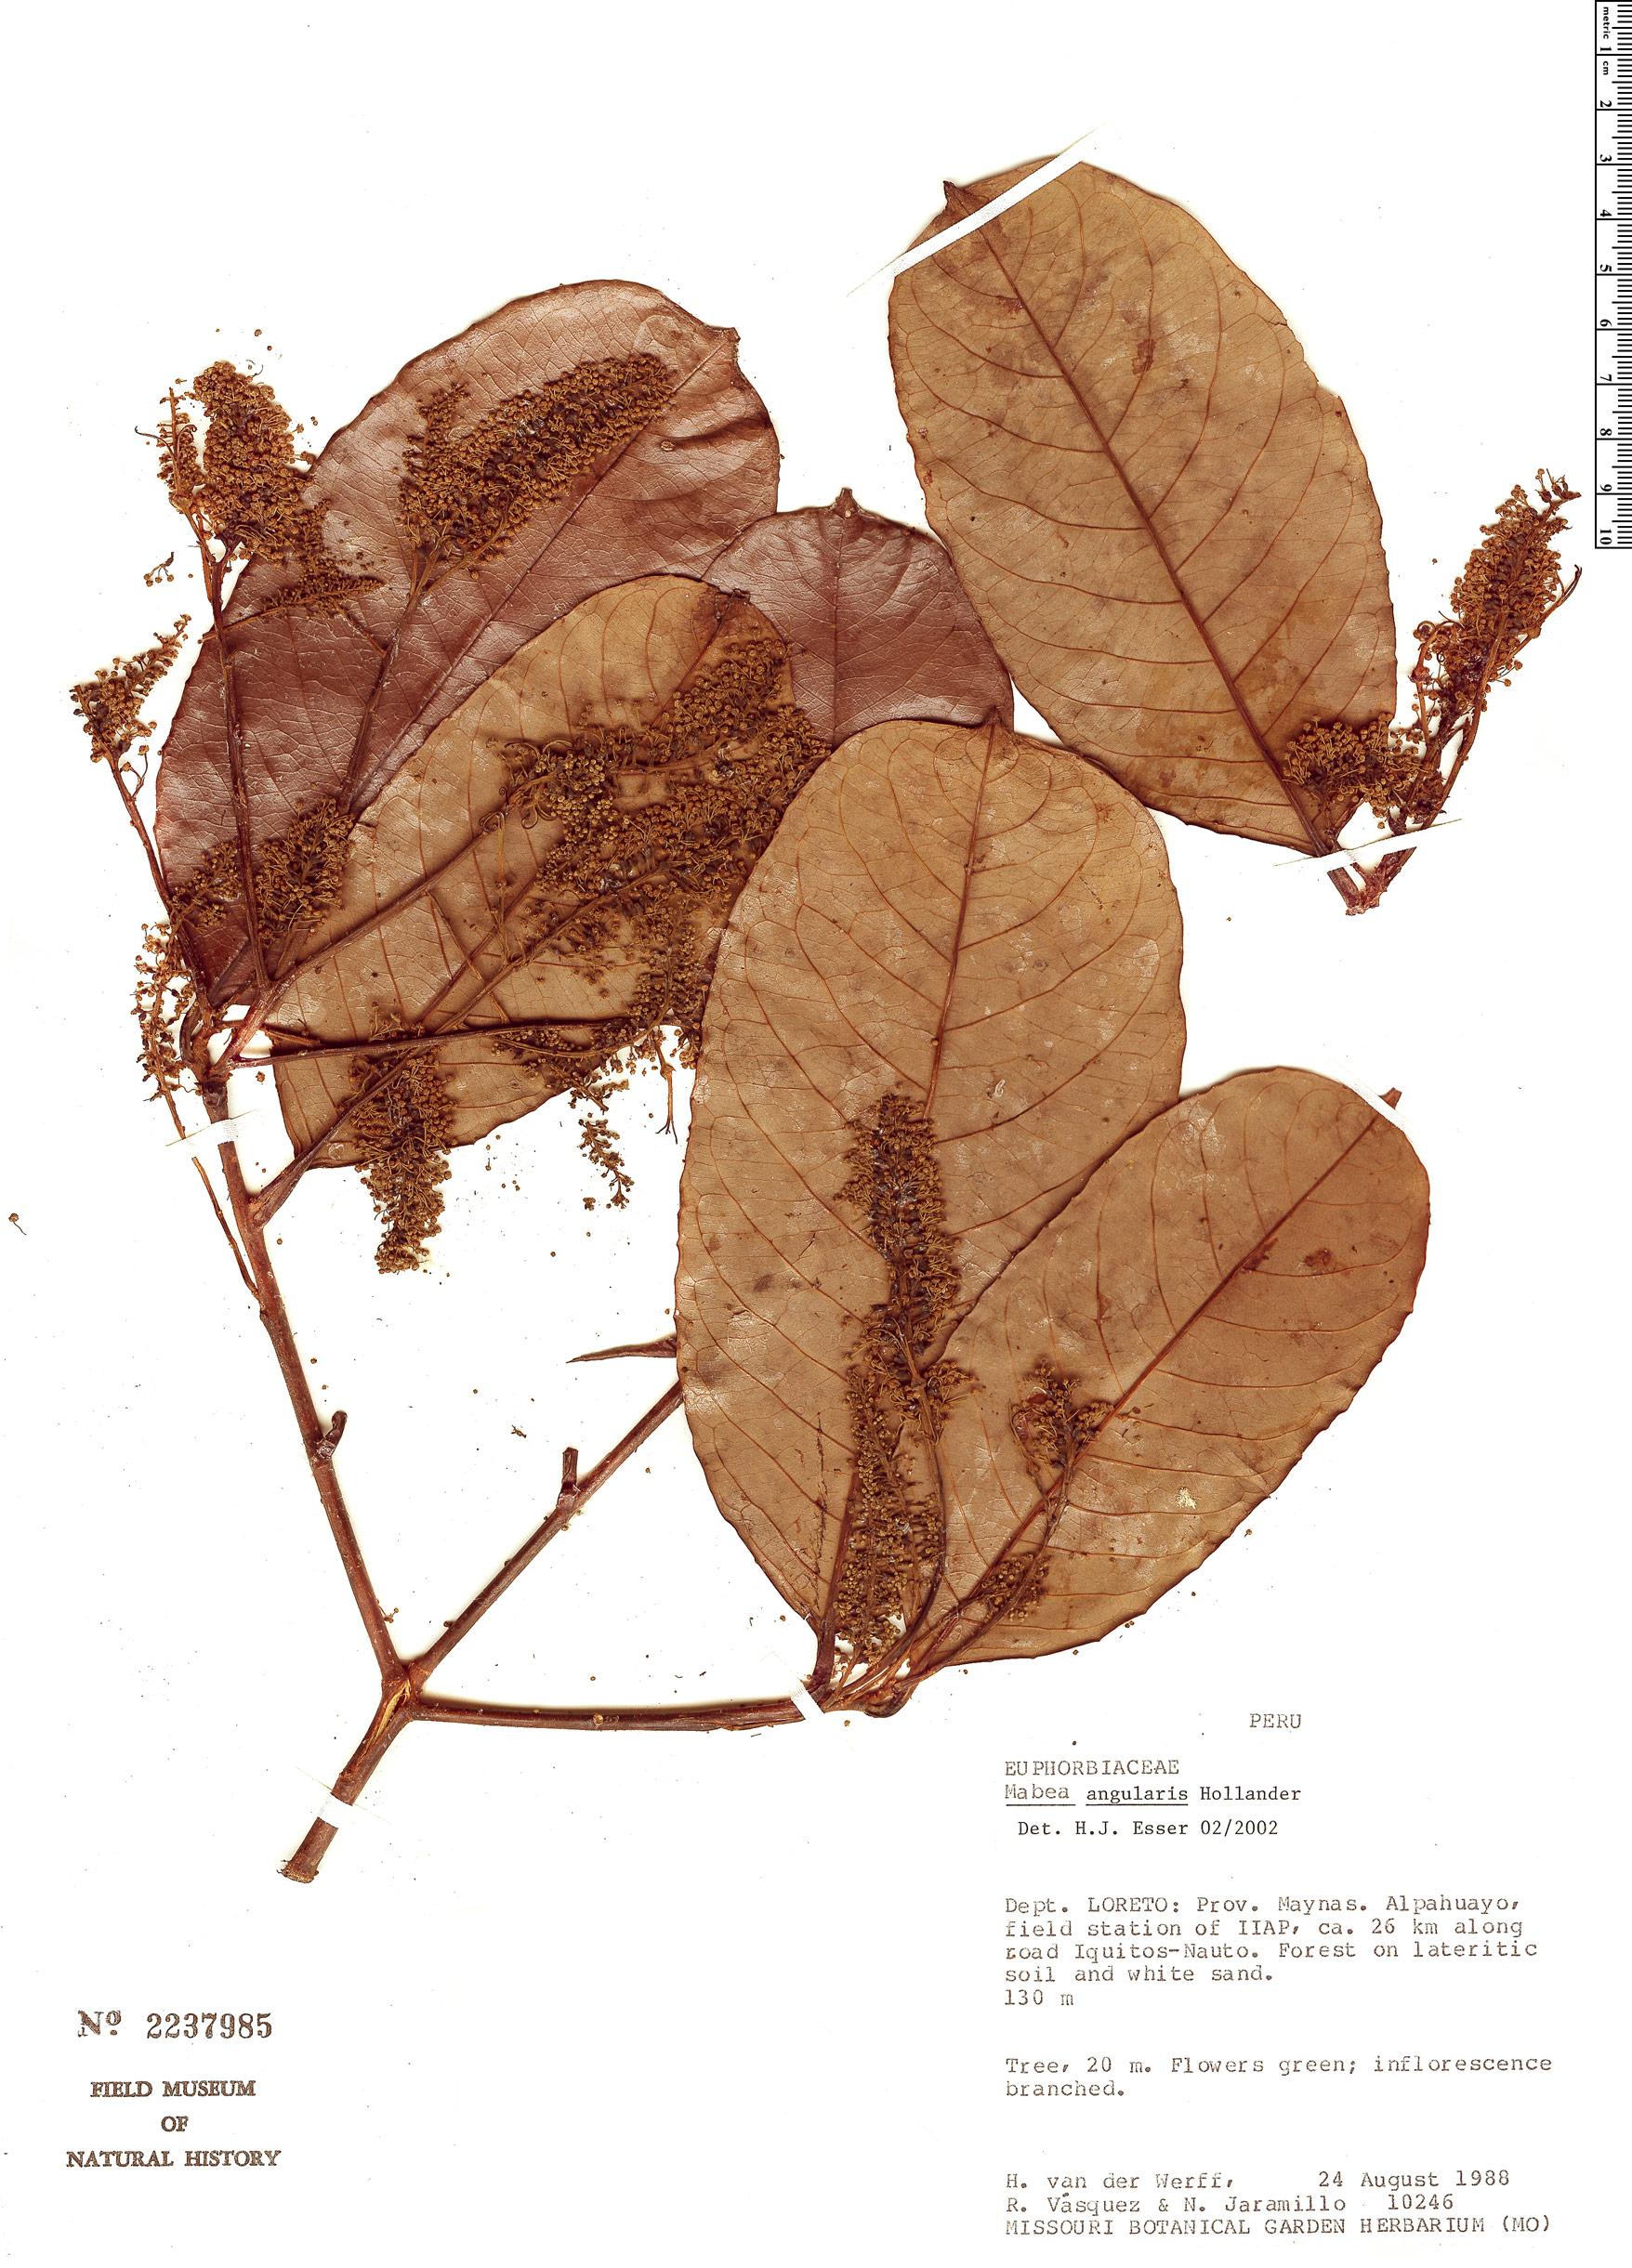 Specimen: Mabea angularis